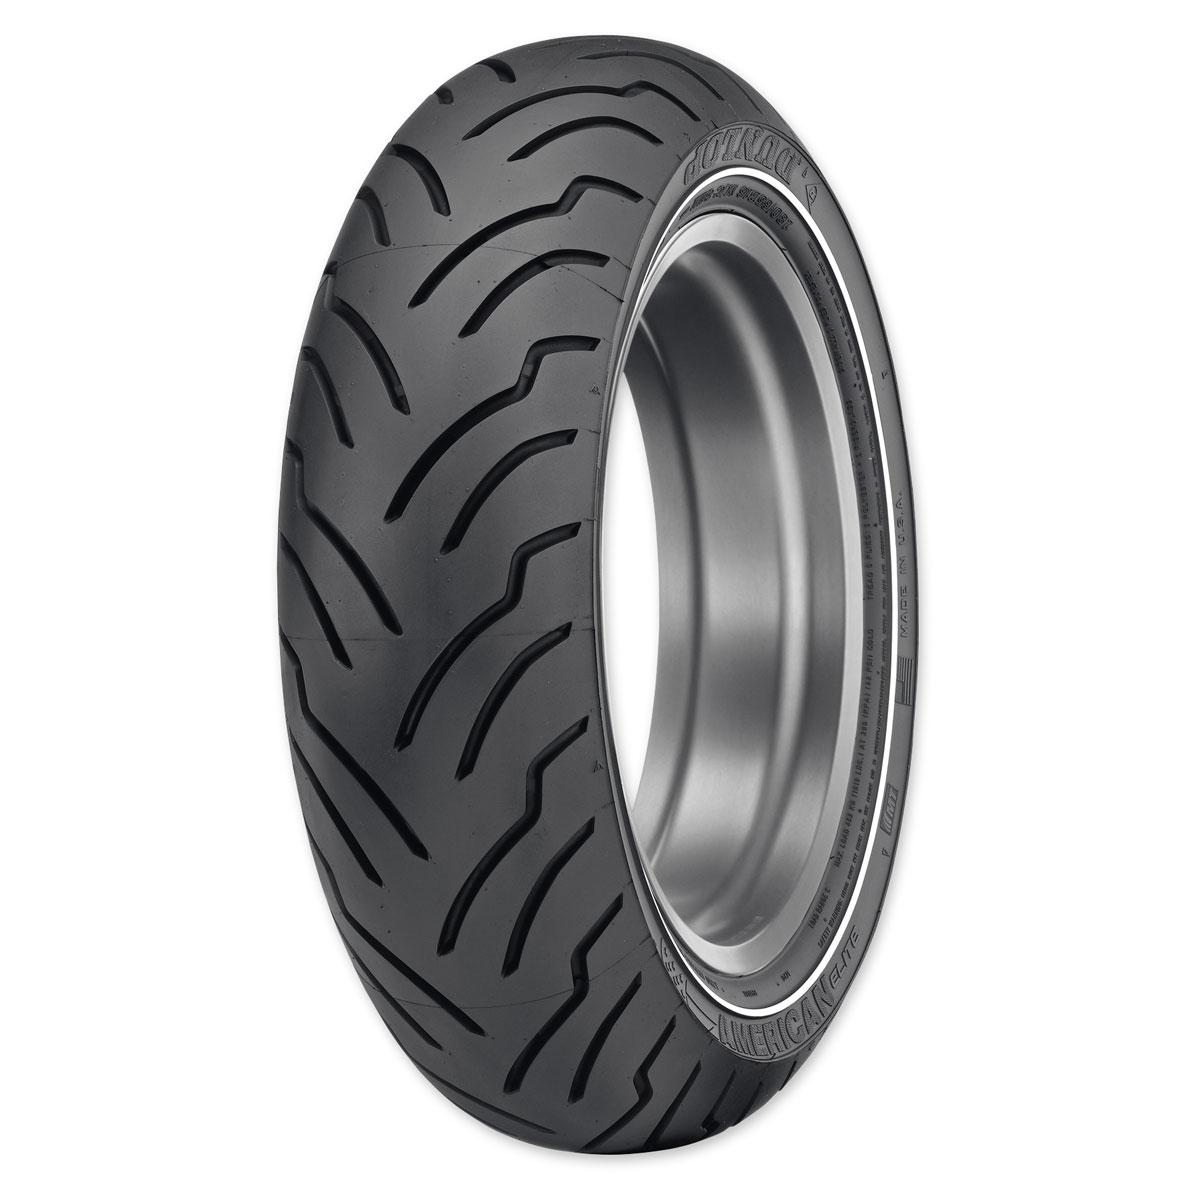 Dunlop American Elite MT90B16 74H Narrow White Stripe Rear Tire